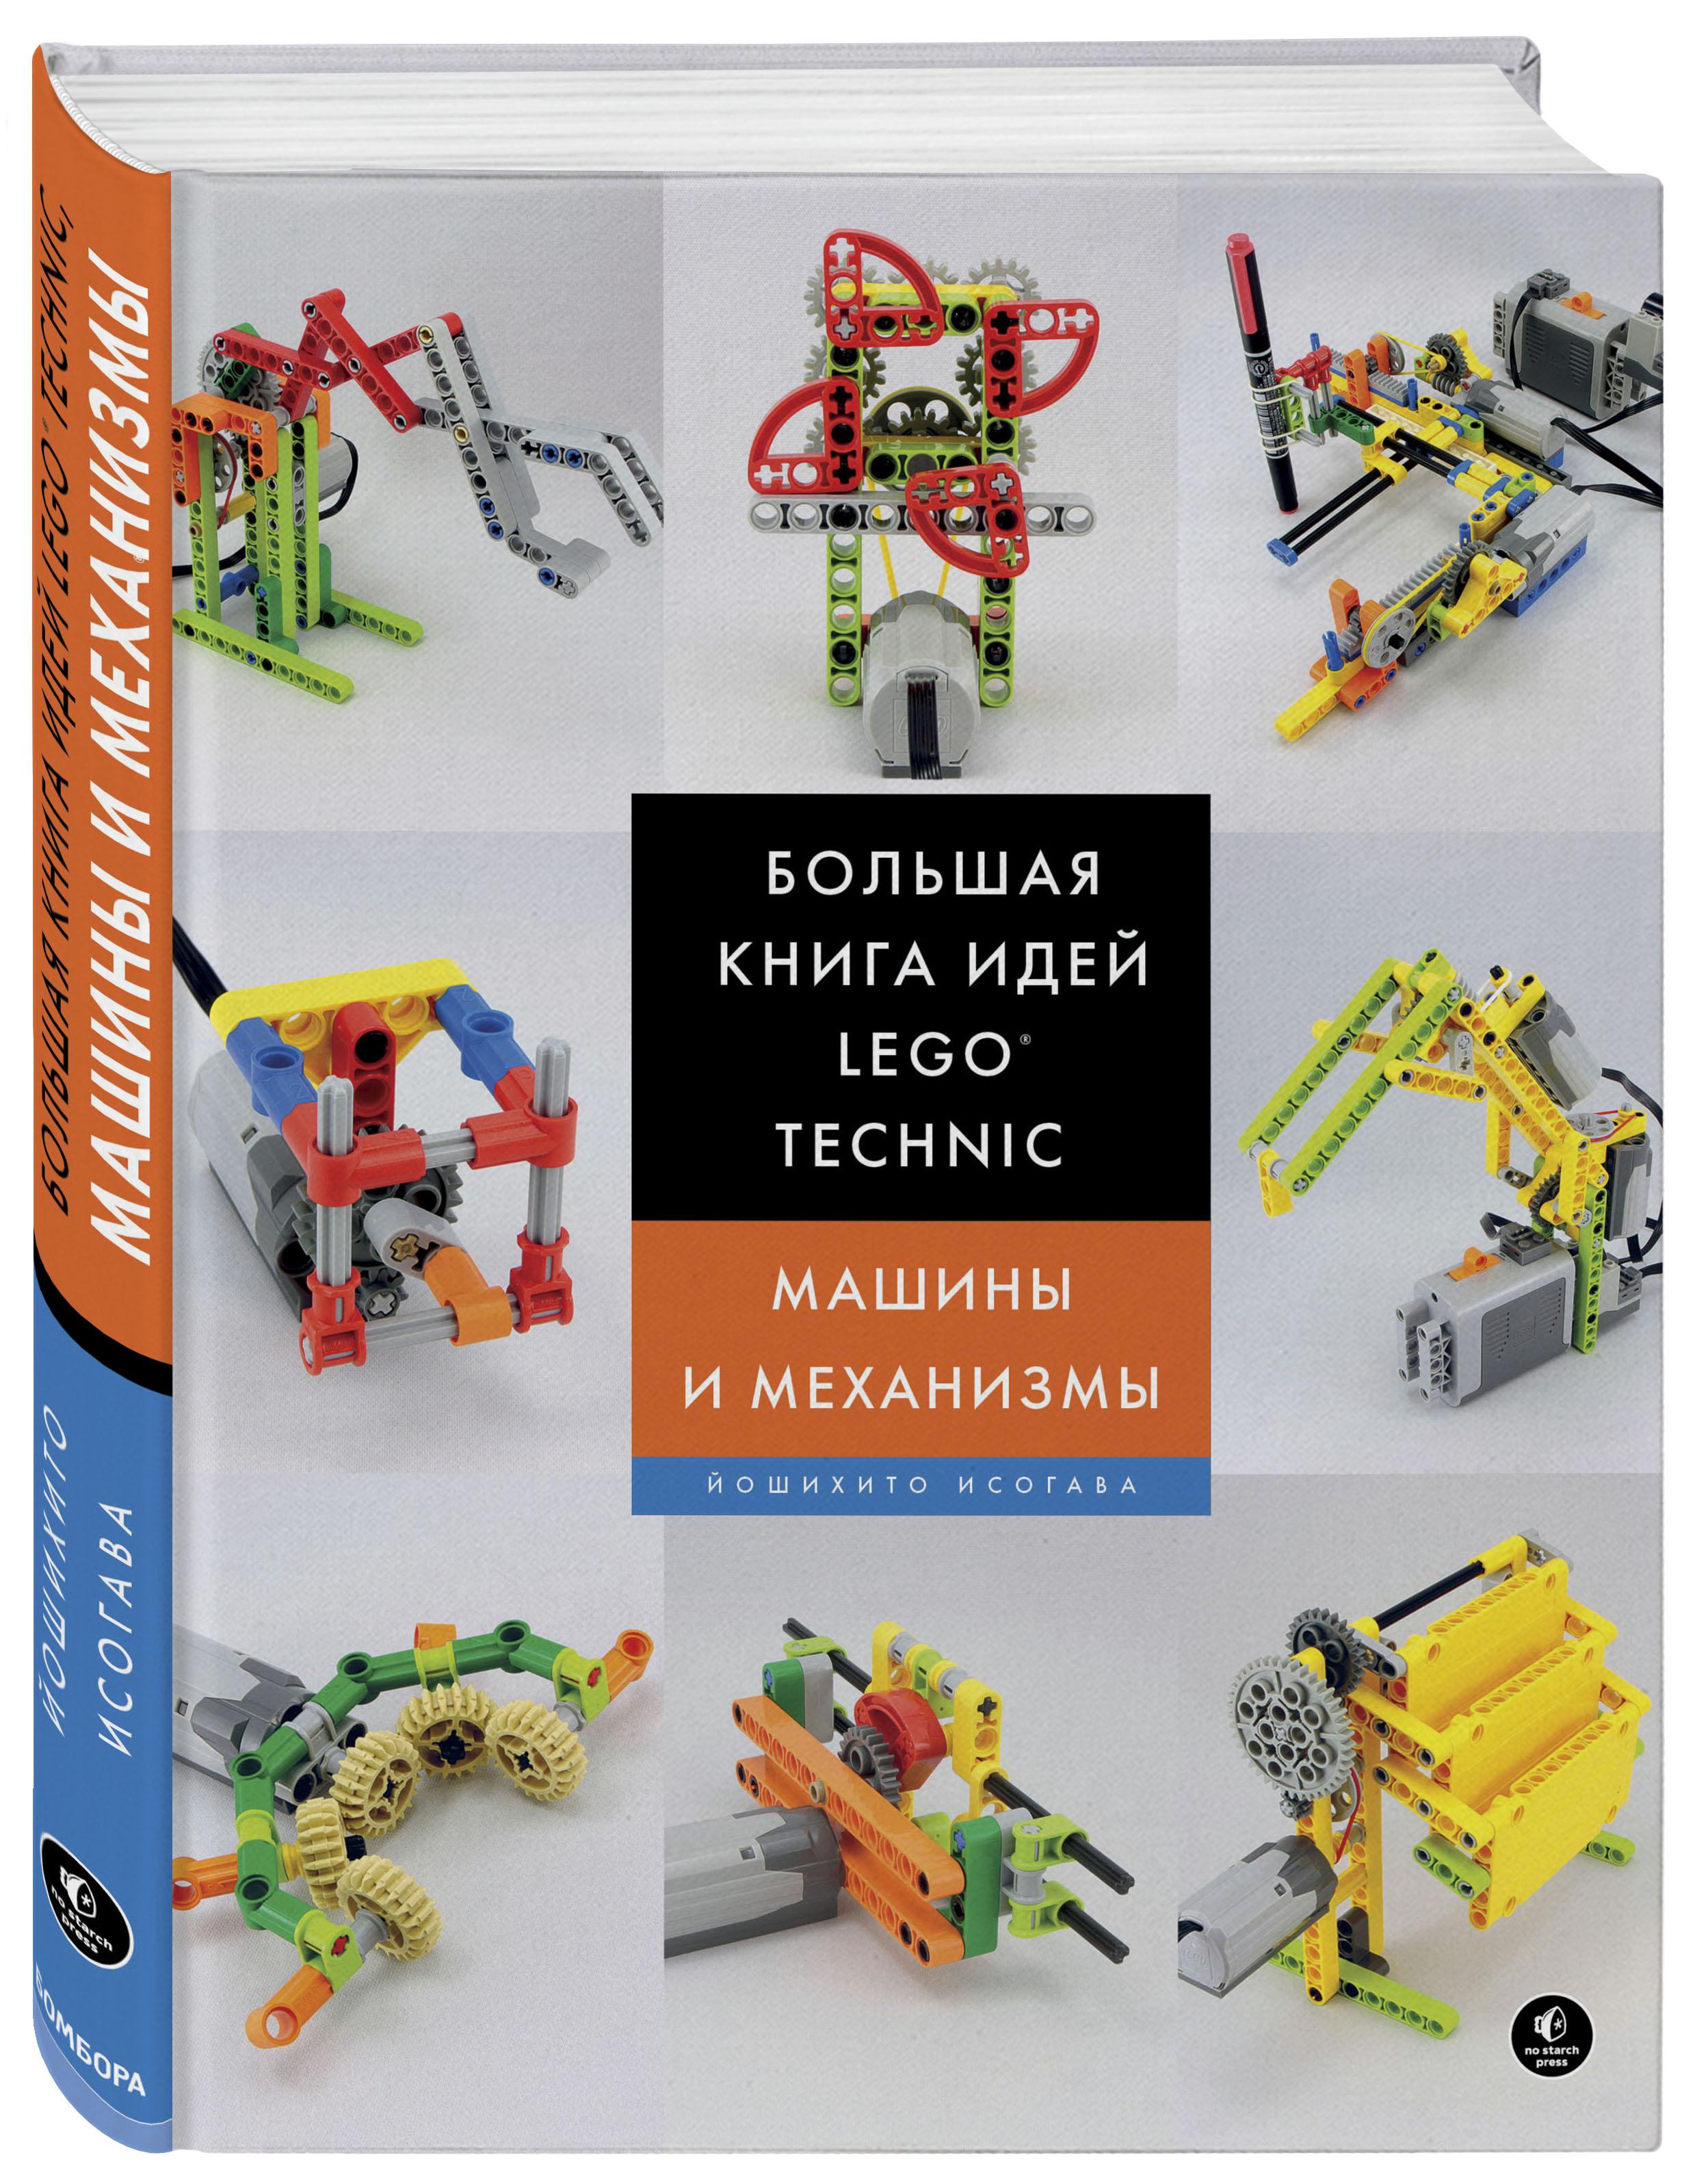 Исогава Й. Большая книга идей LEGO Technic. Машины и механизмы 2000708 lego education набор с запасными частями машины и механизмы 1